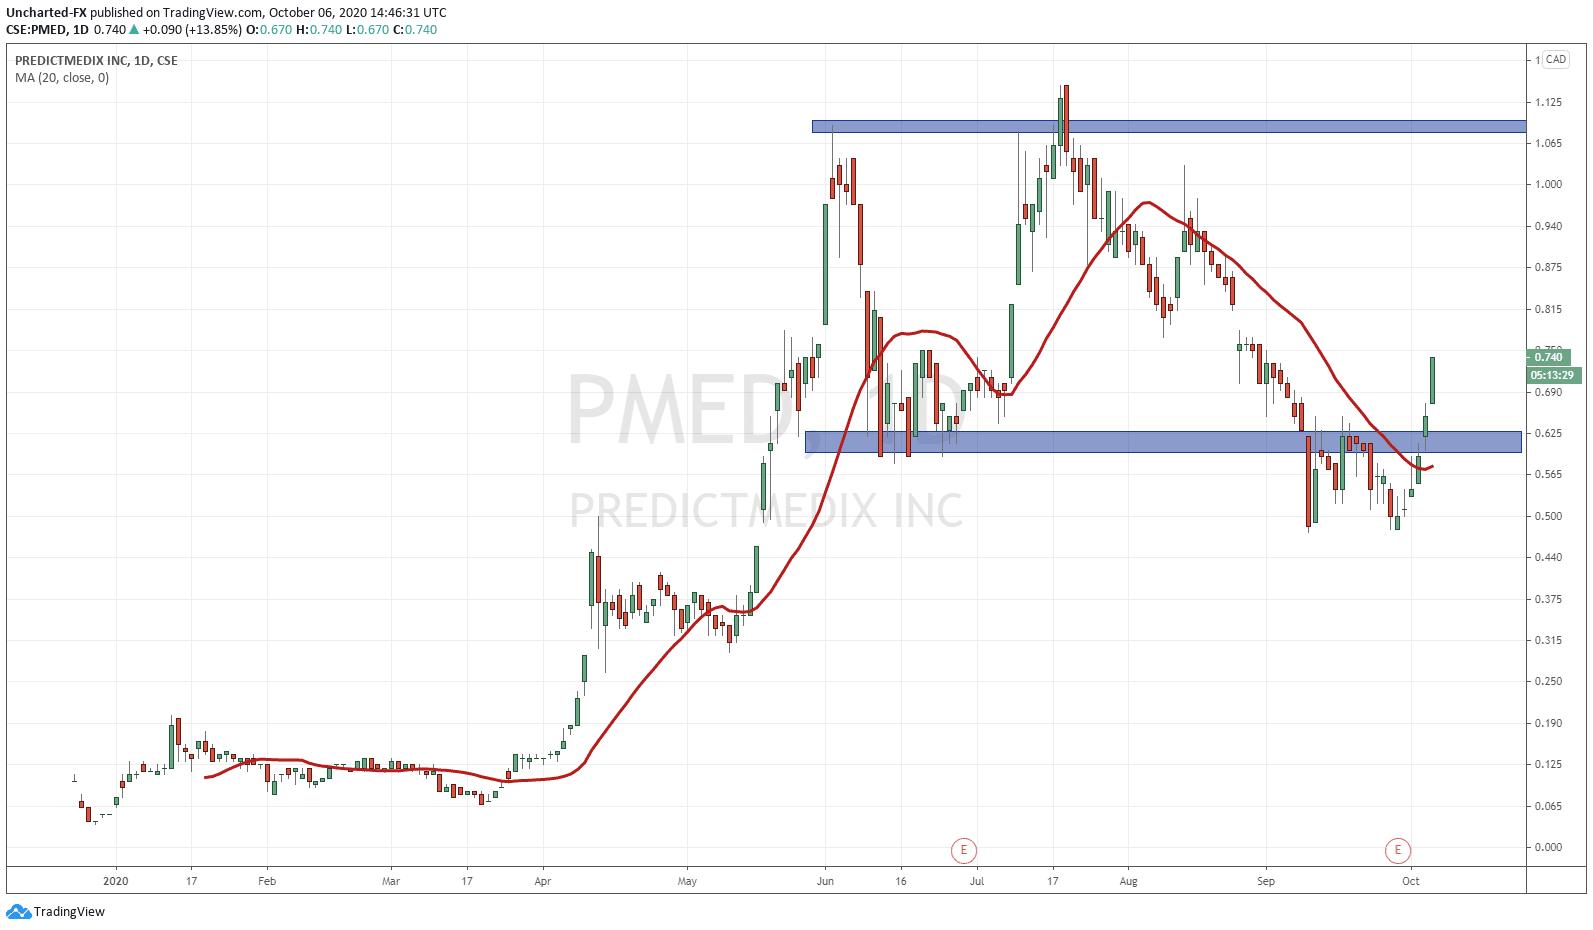 Predictmedix